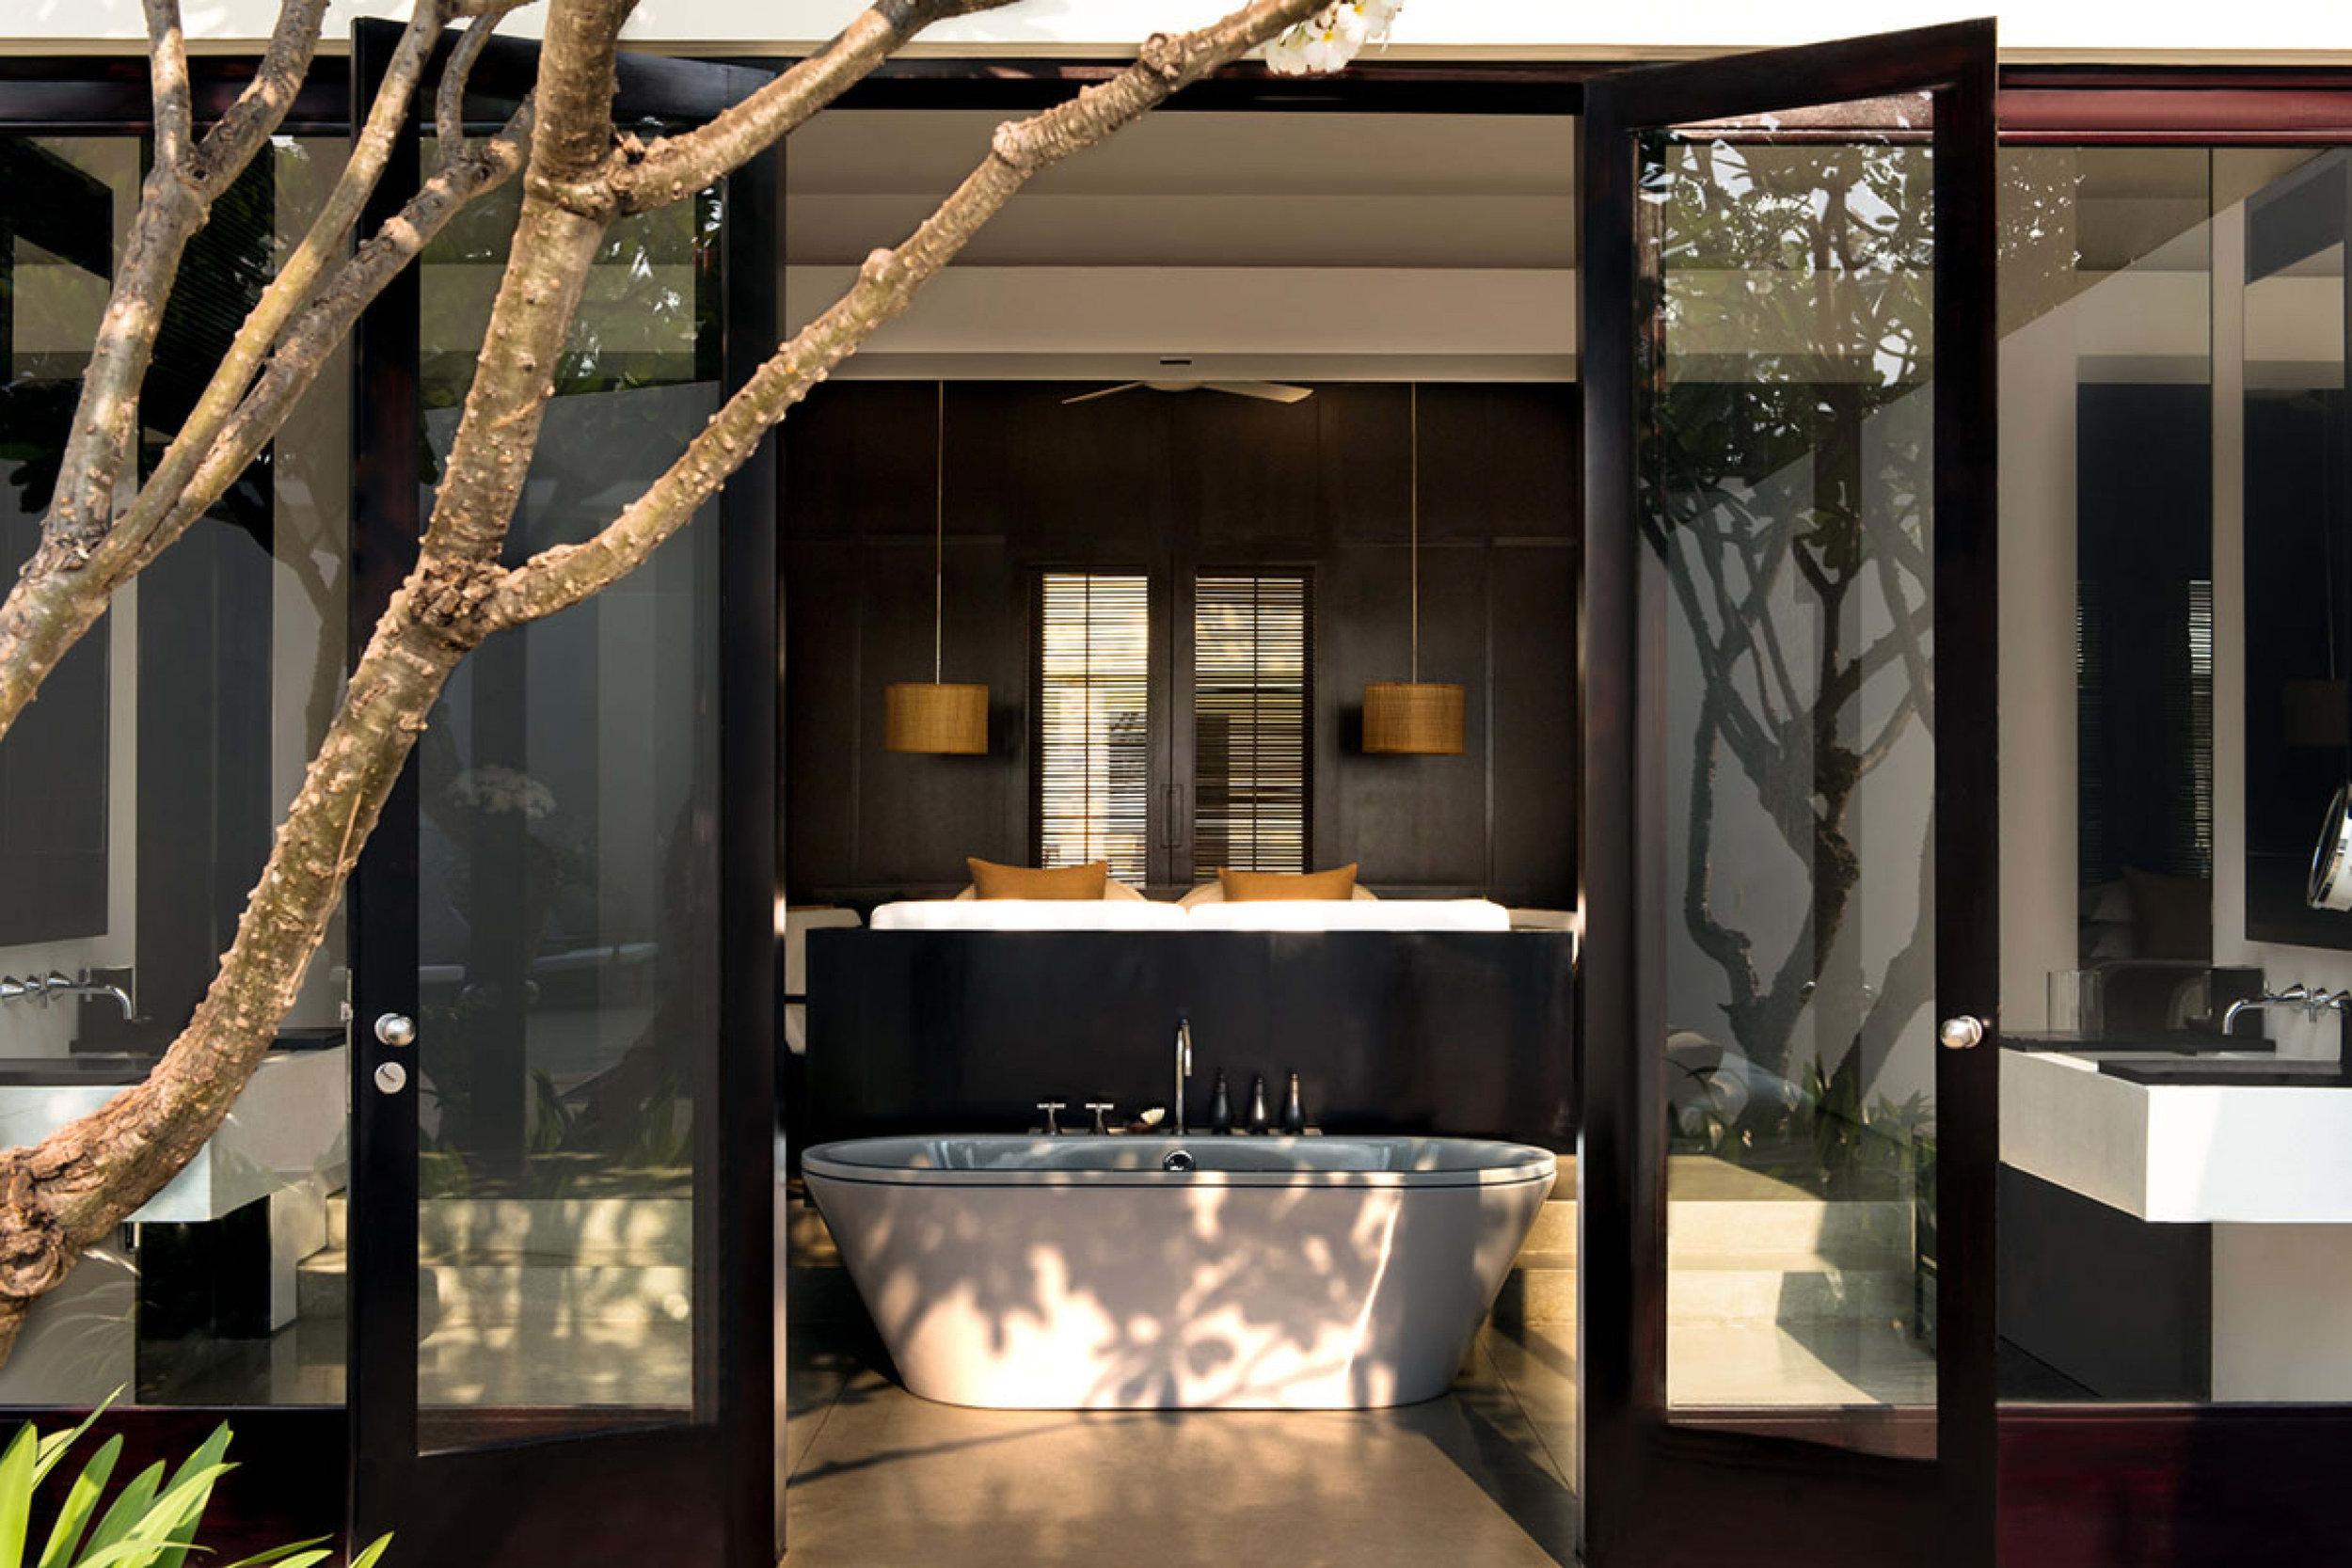 amansara-pool-suite-2.jpg